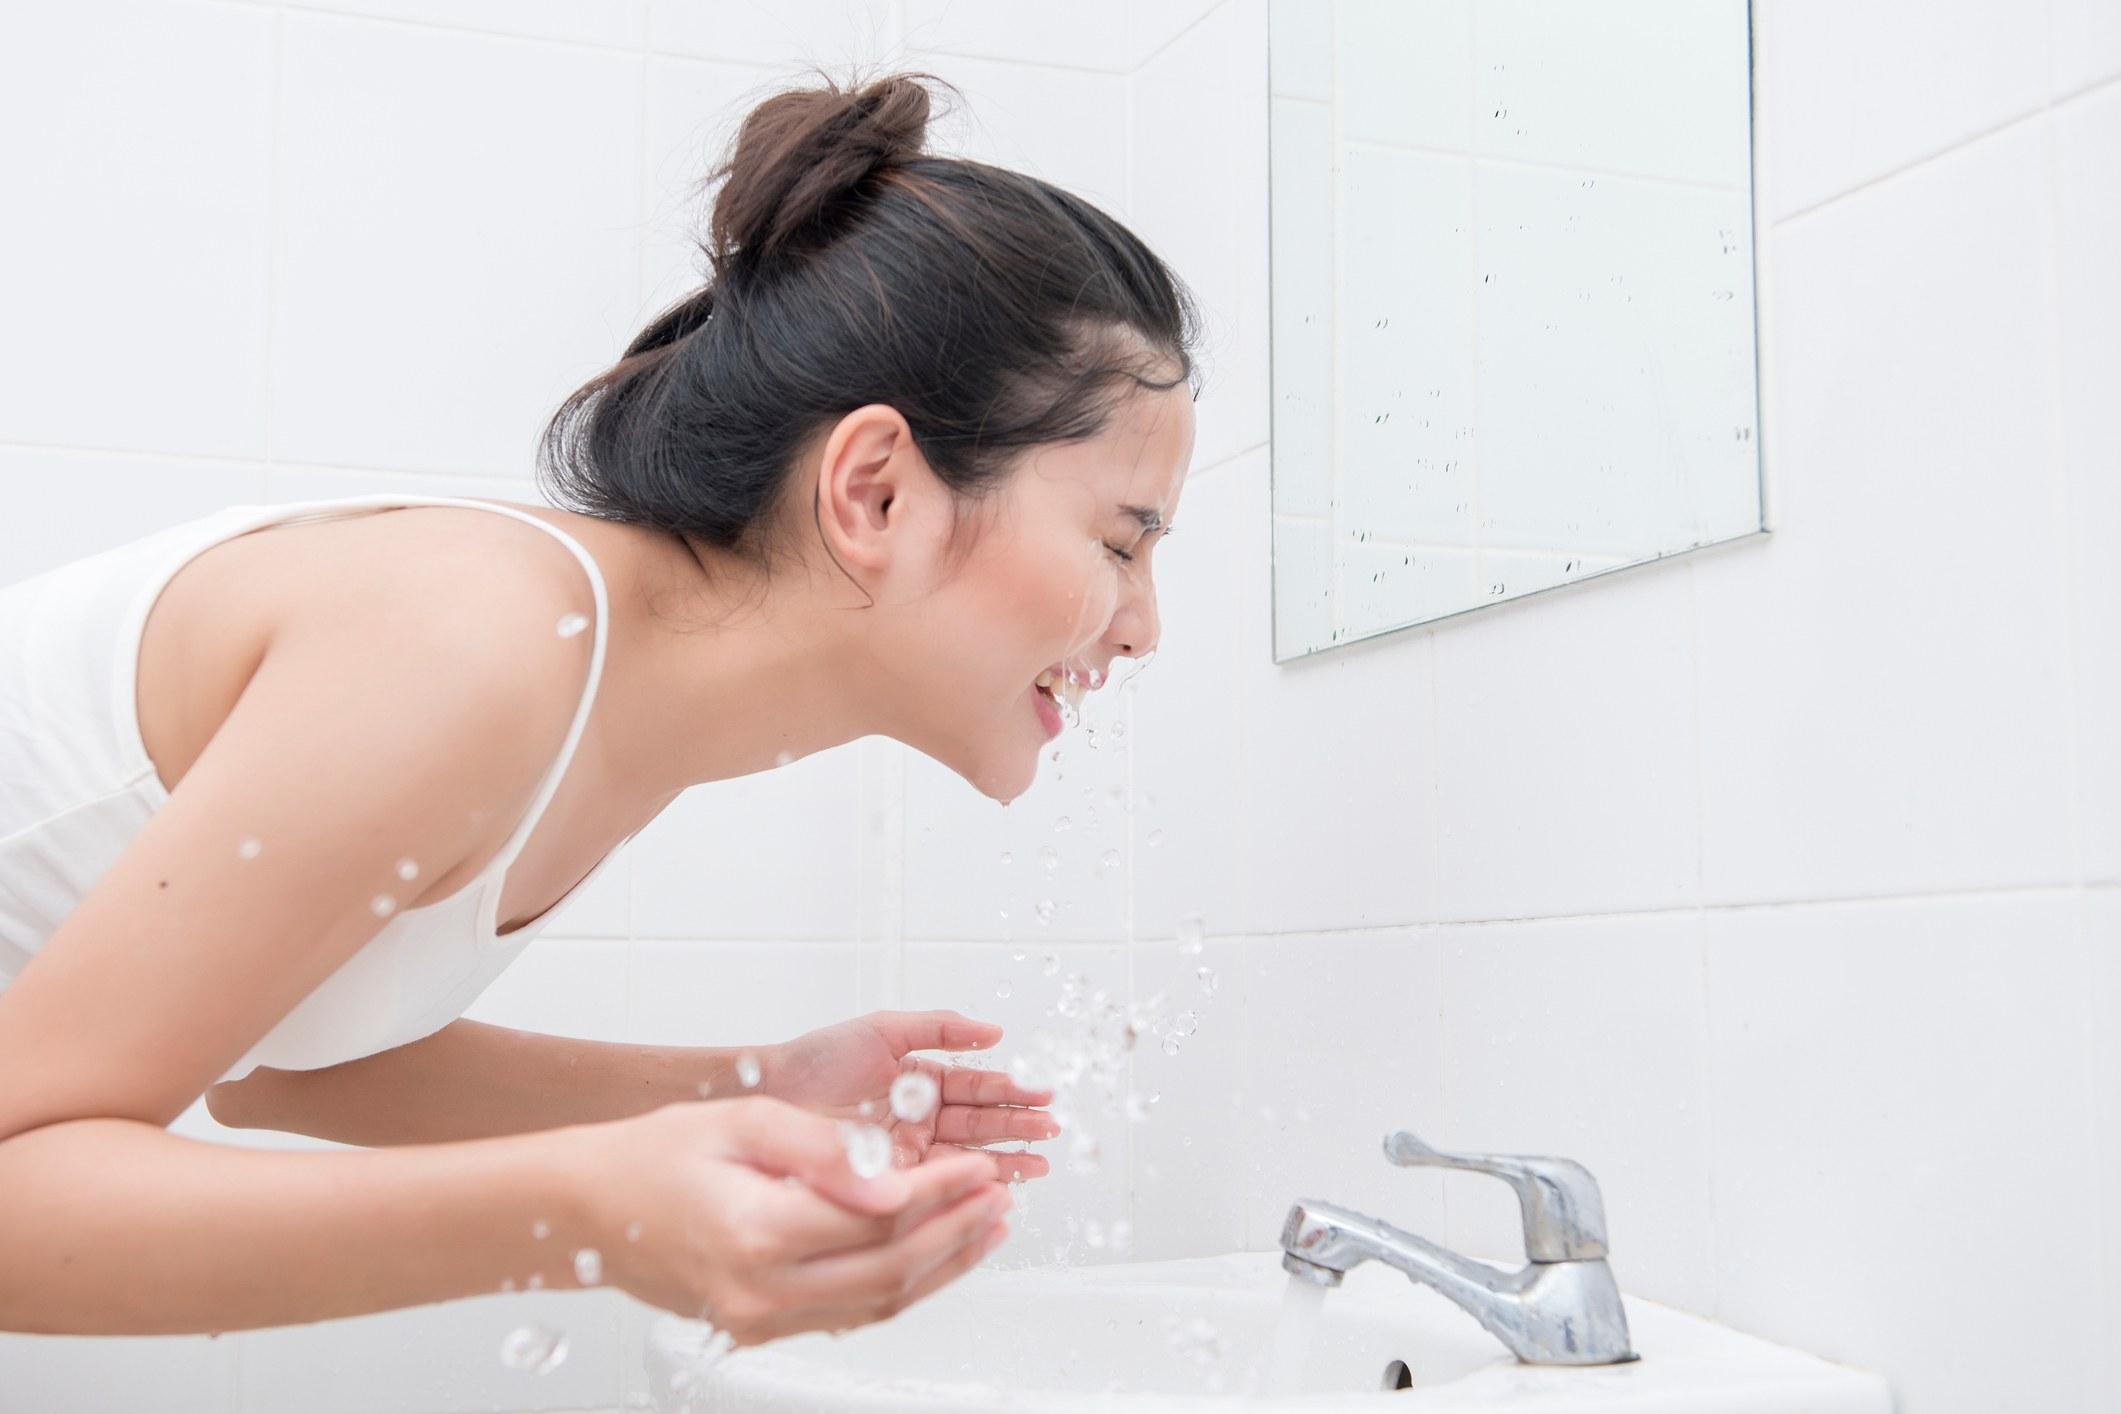 5.痘痘肌的洗臉水溫 想要有效的利用洗臉抑制痘痘,其關鍵就是不能懶,很多人為了貪圖方面,都會在洗澡的時候,順便用蓮蓬頭洗臉,但洗澡的水溫對於臉部肌膚來說太燙,會造成油脂過度清潔,和血管擴張,讓痘痘問題更嚴重;但等等~用冷水洗臉也是不OK,因為冷水會讓毛孔收縮無法徹底清潔,因此最好的水溫就是溫水(接近人體的溫度),對痘痘肌清洗的時候最有效